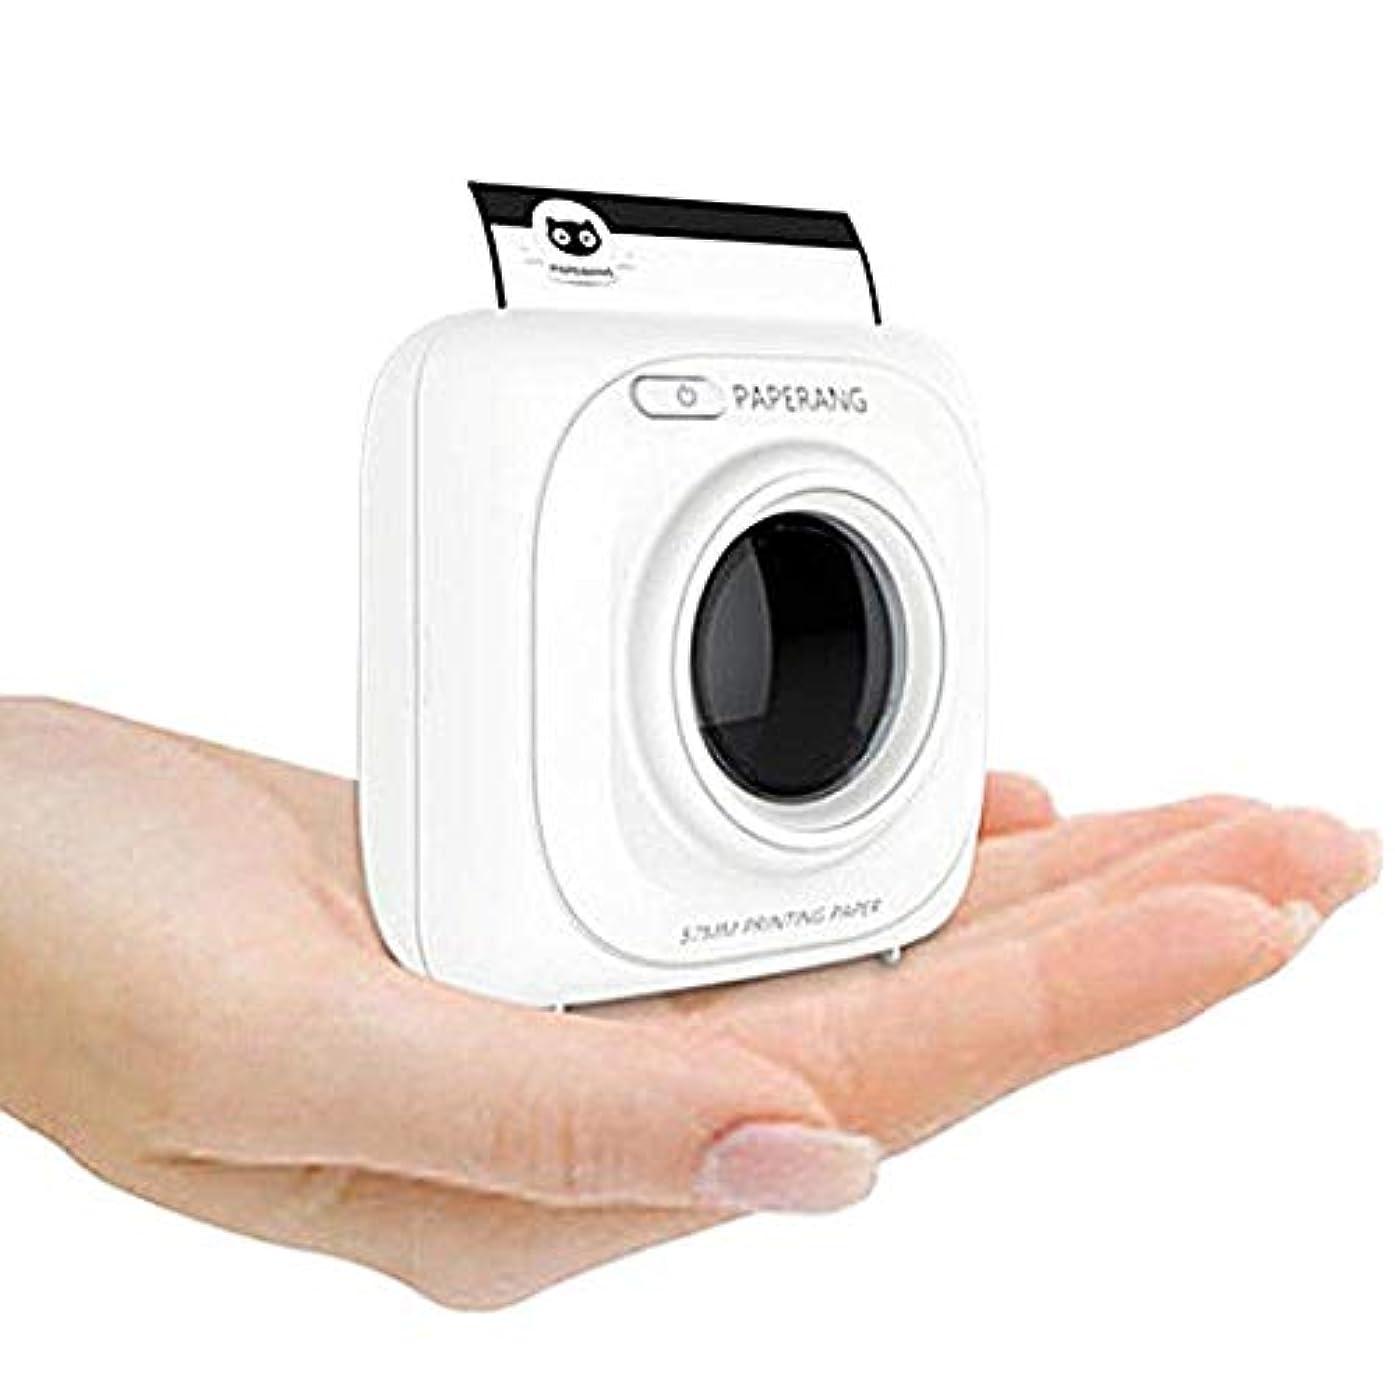 み契約する君主制印刷物のペーパーが付いているiPhone / iPad / Mac /人間の特徴をもつ装置のためのP1白い小型無線ペーパー写真プリンター携帯用Bluetoothの即刻のモバイルプリンター